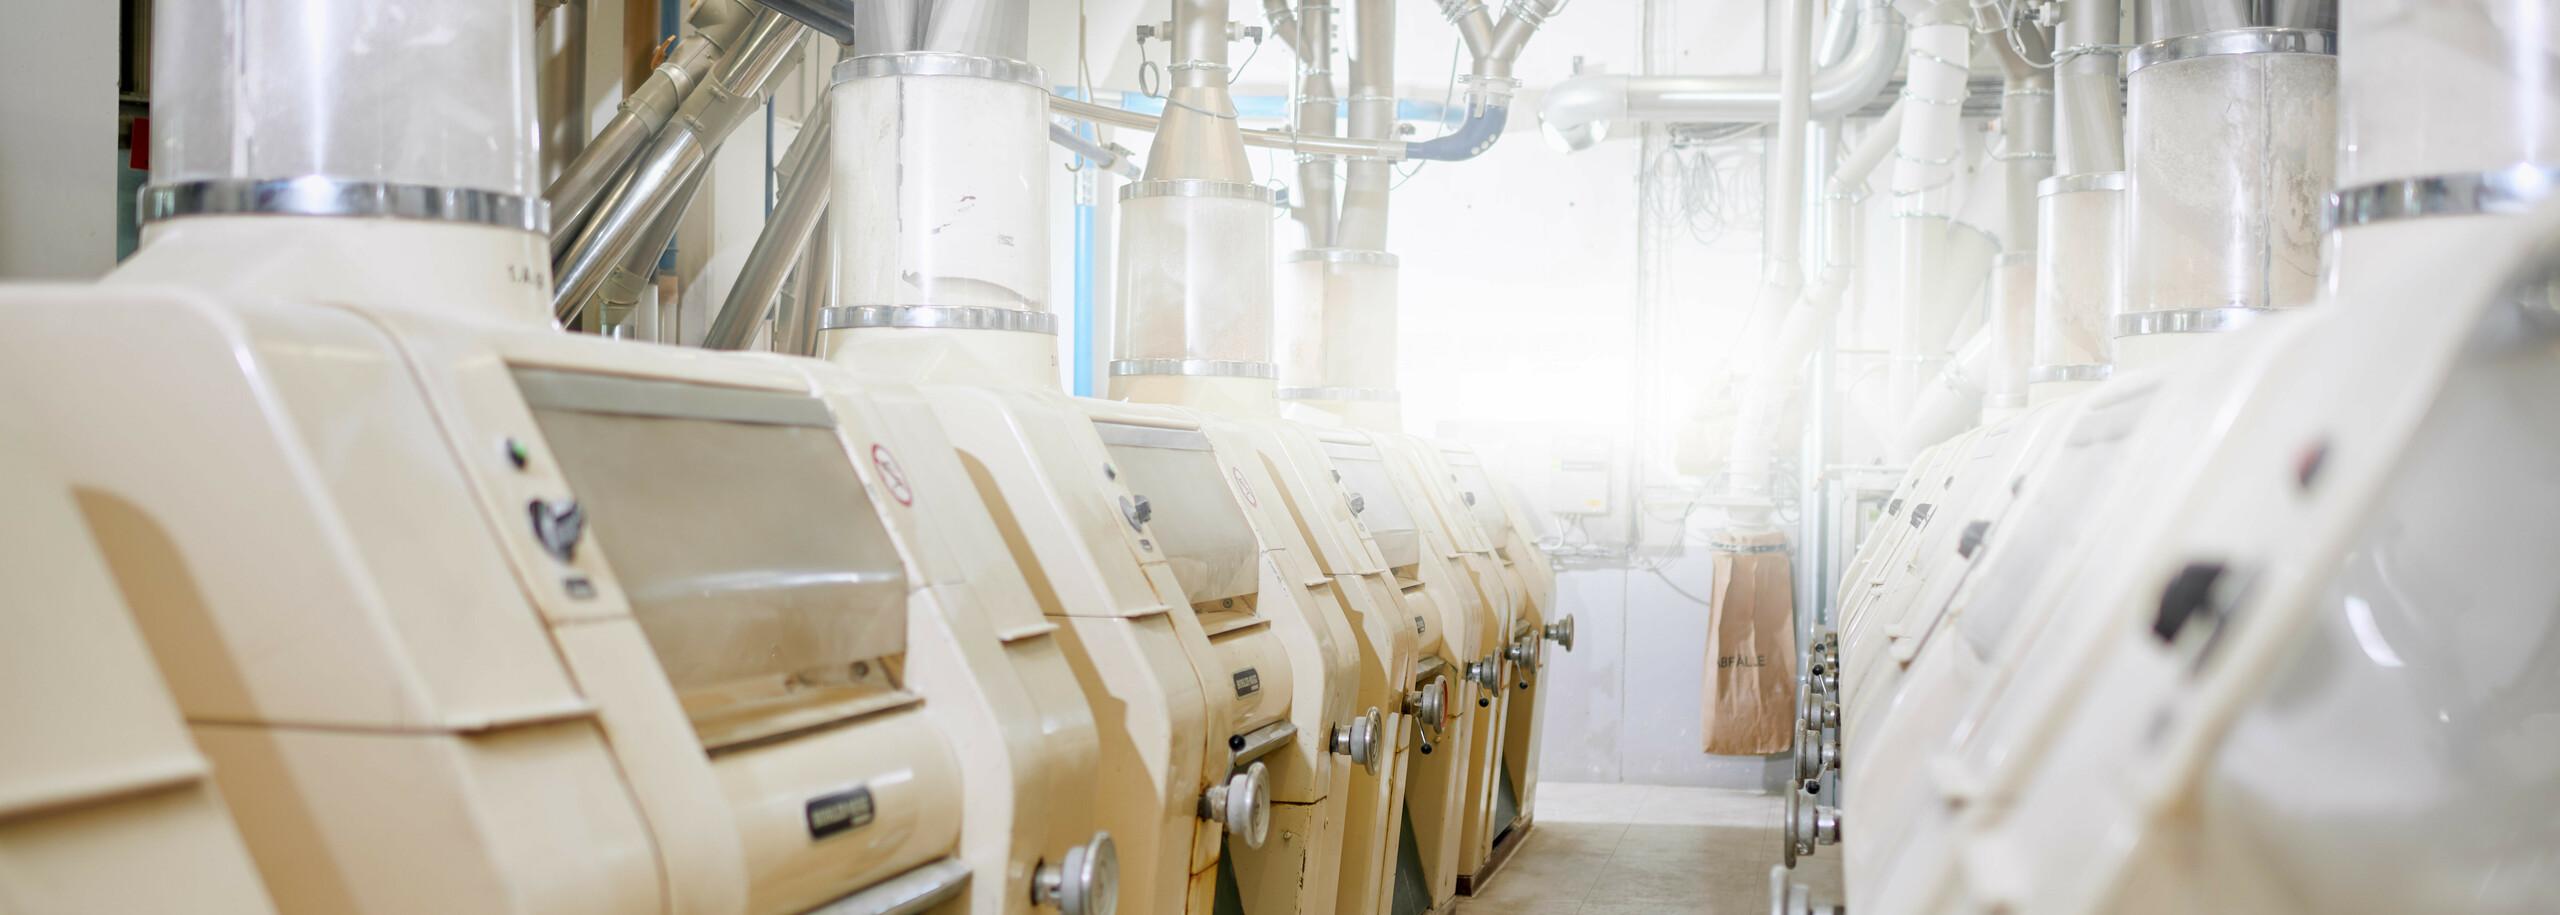 Abbildung Walzenstühle Mühle